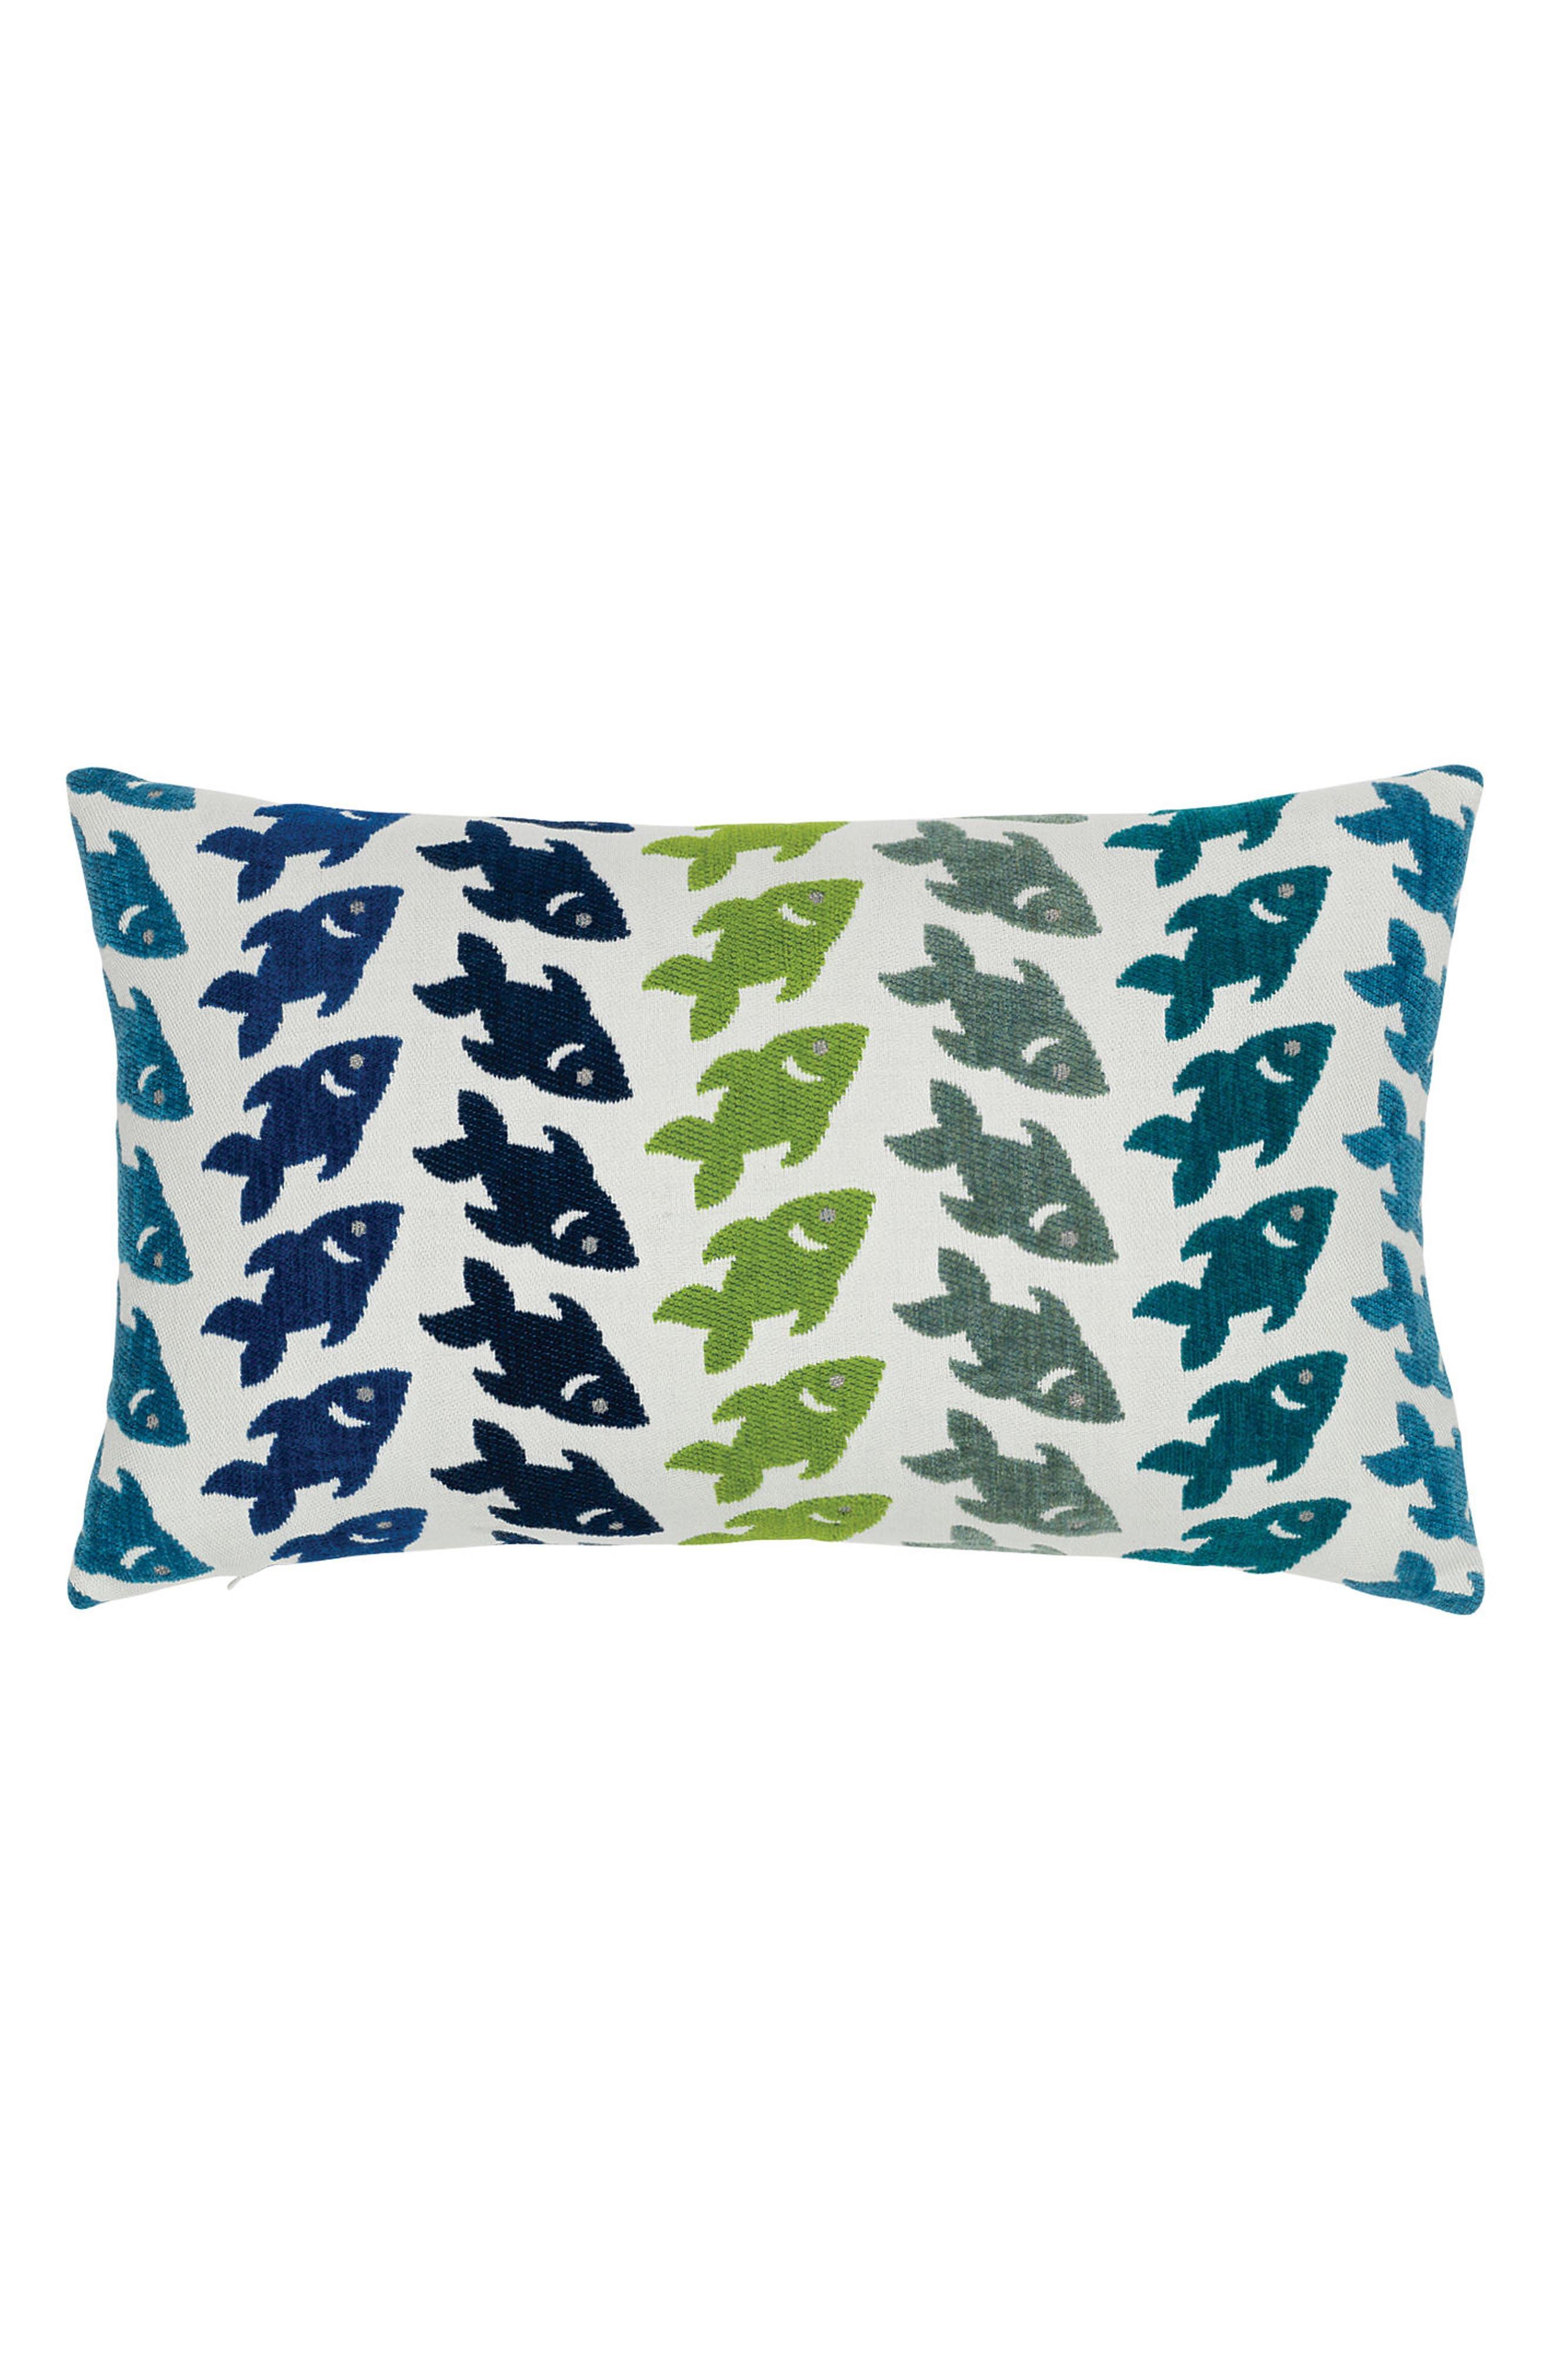 Oceana Deep Sea Lumbar Pillow,                             Main thumbnail 1, color,                             400